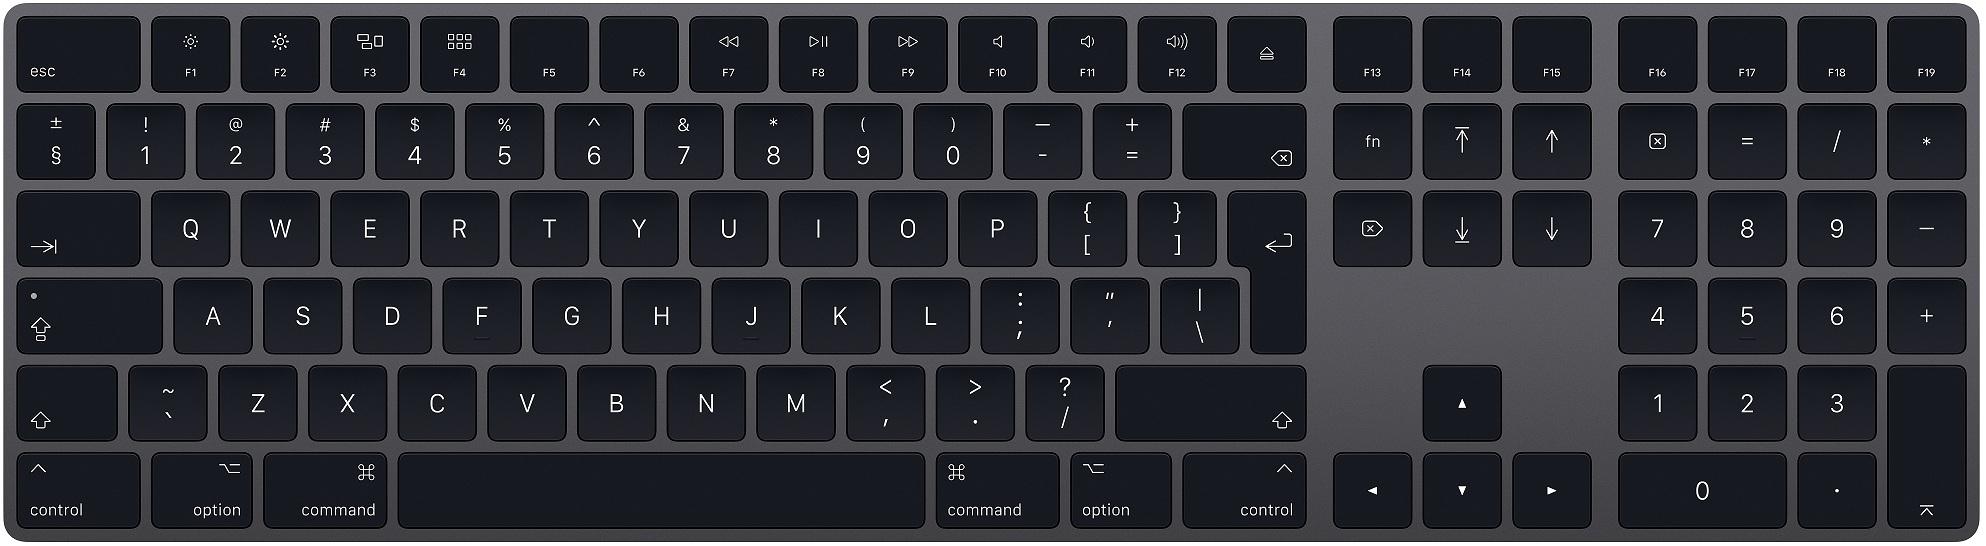 Клавиатура Apple Magic Keyboard with Numeric Keypad Grey